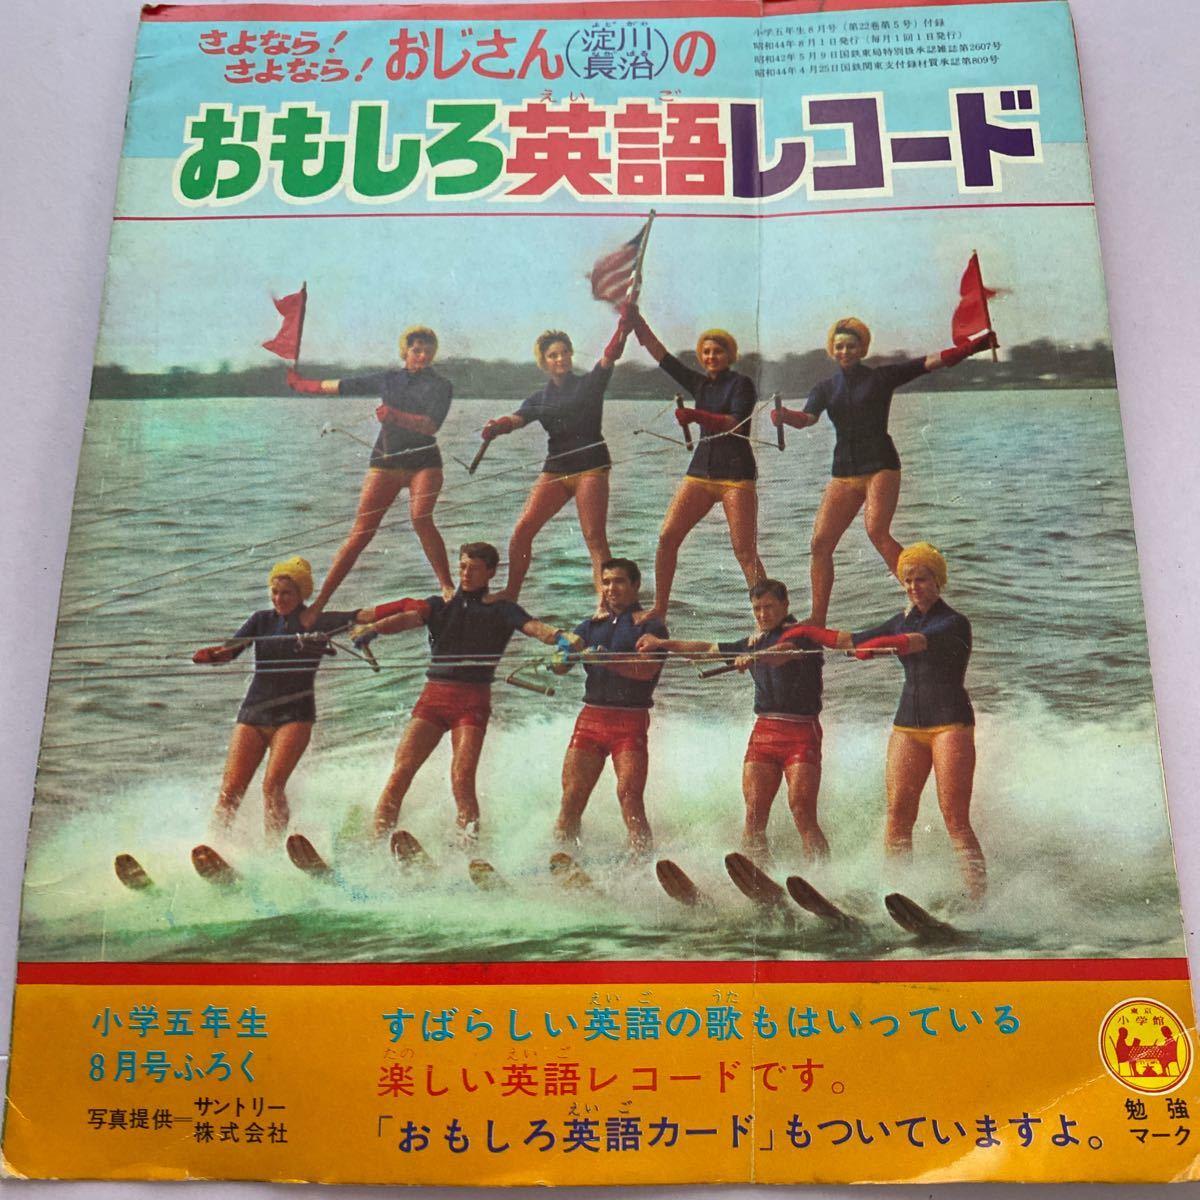 ソノシート 小学5年生 昭和44年8月号 付録 小学校 淀川長治のおもしろ英語レコード さよなら!さよなら!おじさんのおもしろ英語レコード_画像1